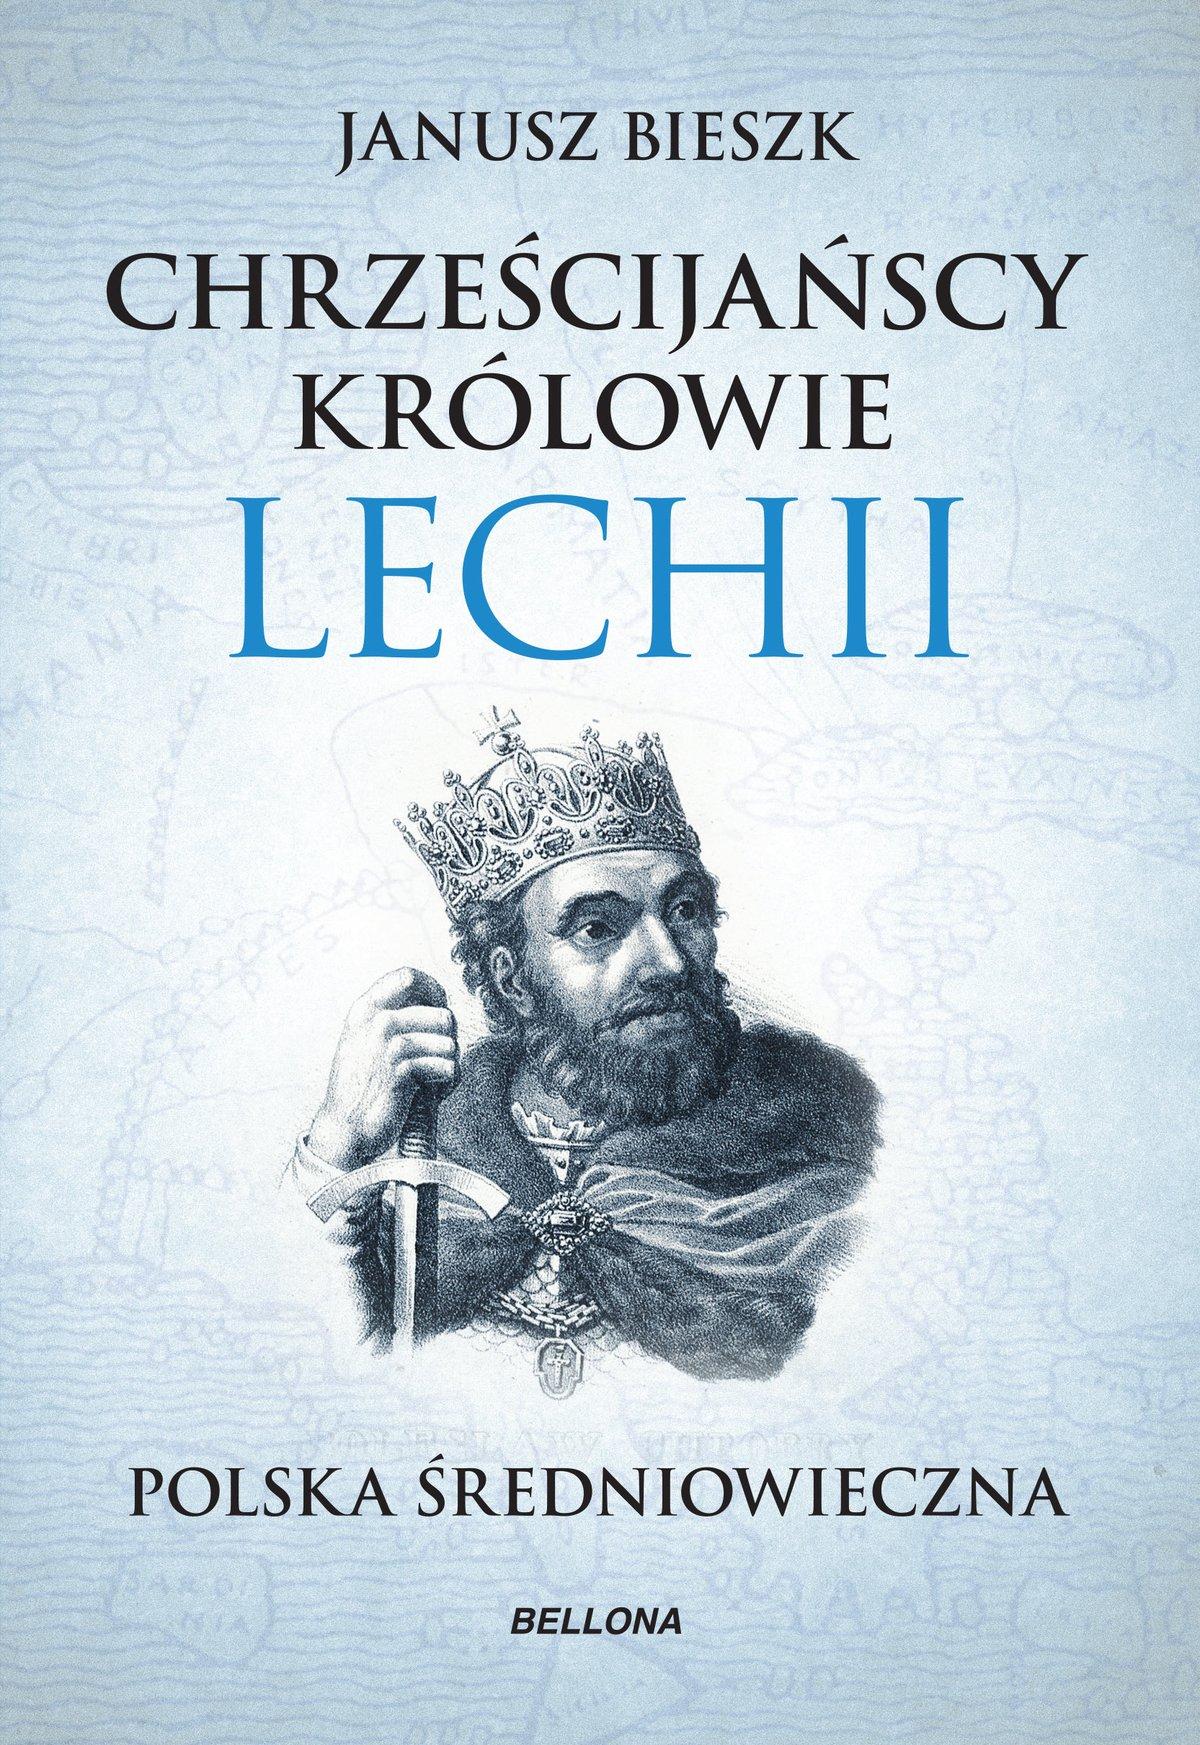 Chrześcijańscy królowie Lechii - Ebook (Książka na Kindle) do pobrania w formacie MOBI